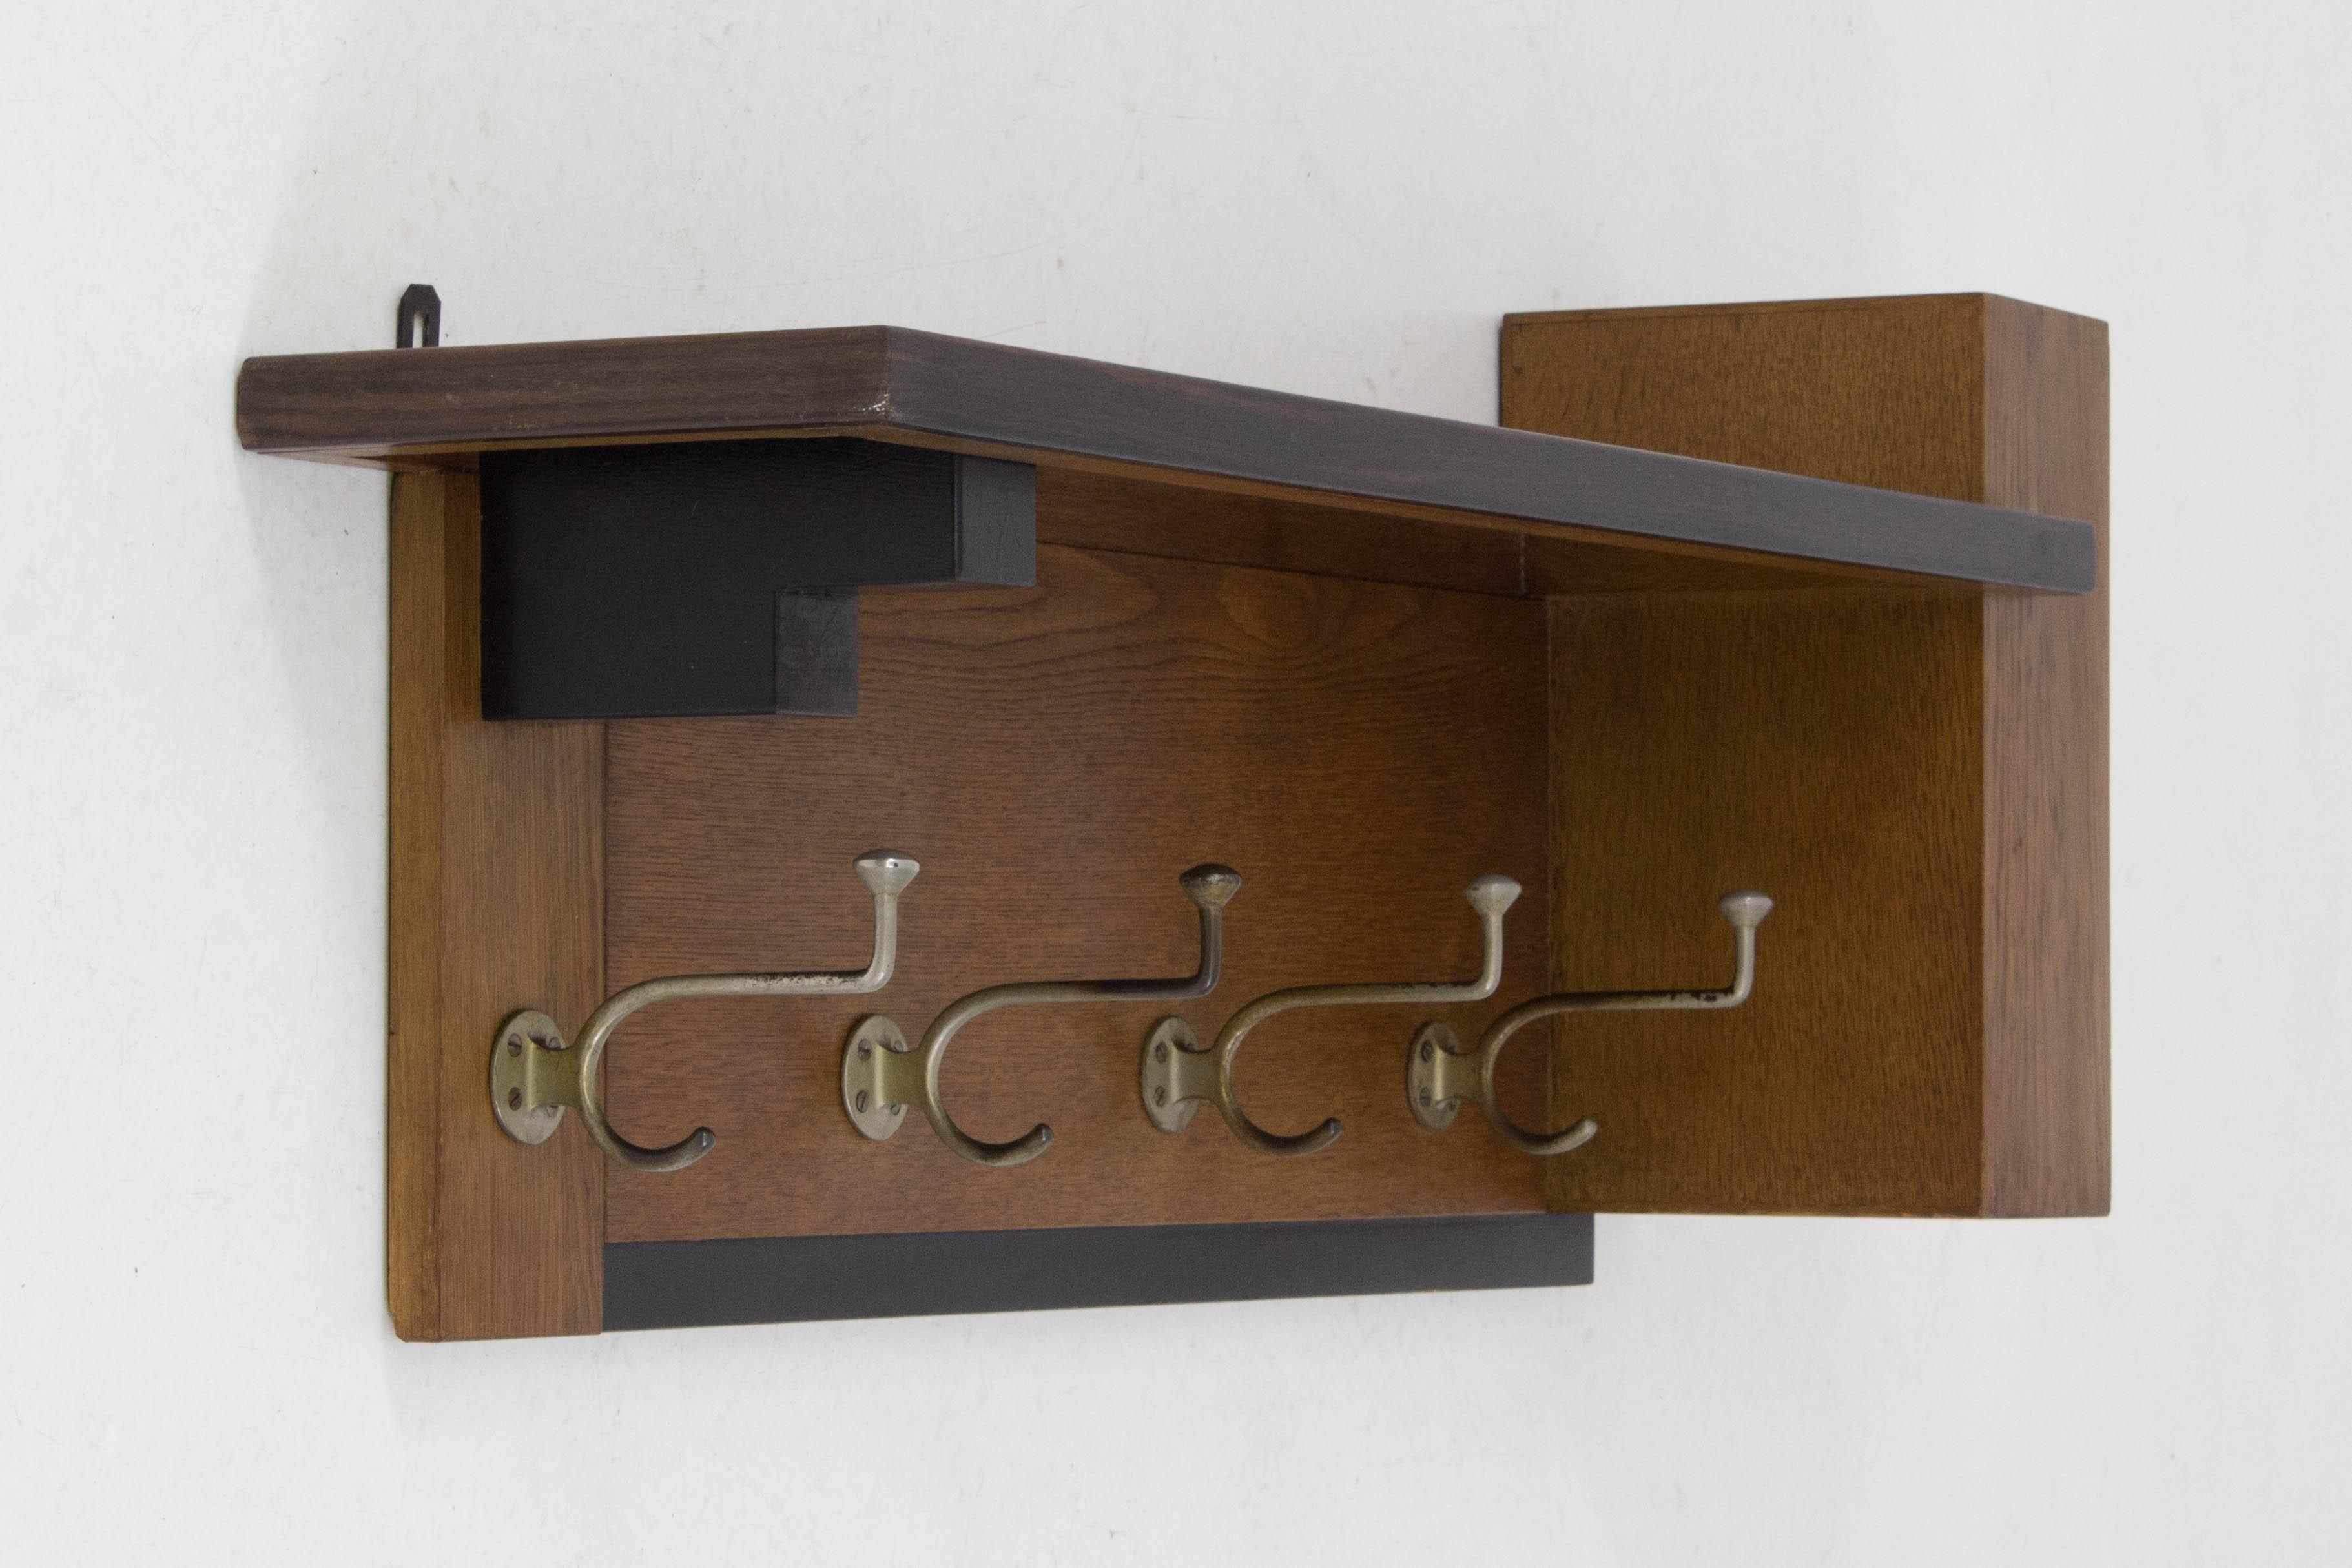 Wonderbaar Haagse School kapstok ontwerp P.E.L. Izeren voor Genneper Molen AL-76